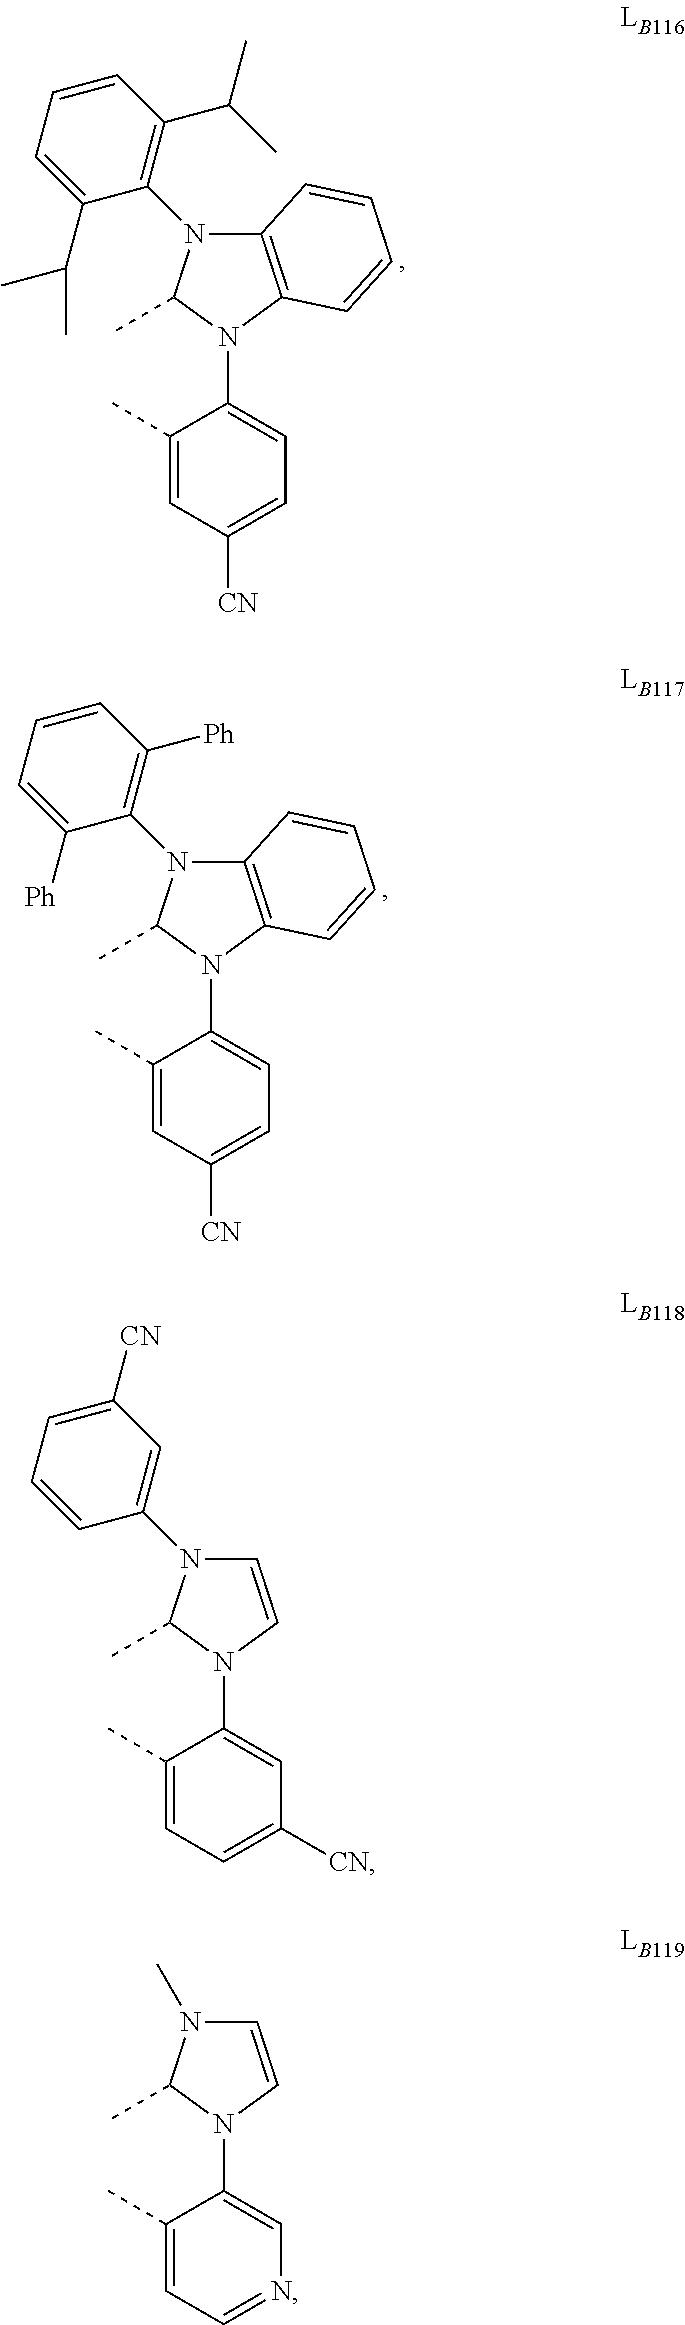 Figure US09905785-20180227-C00523